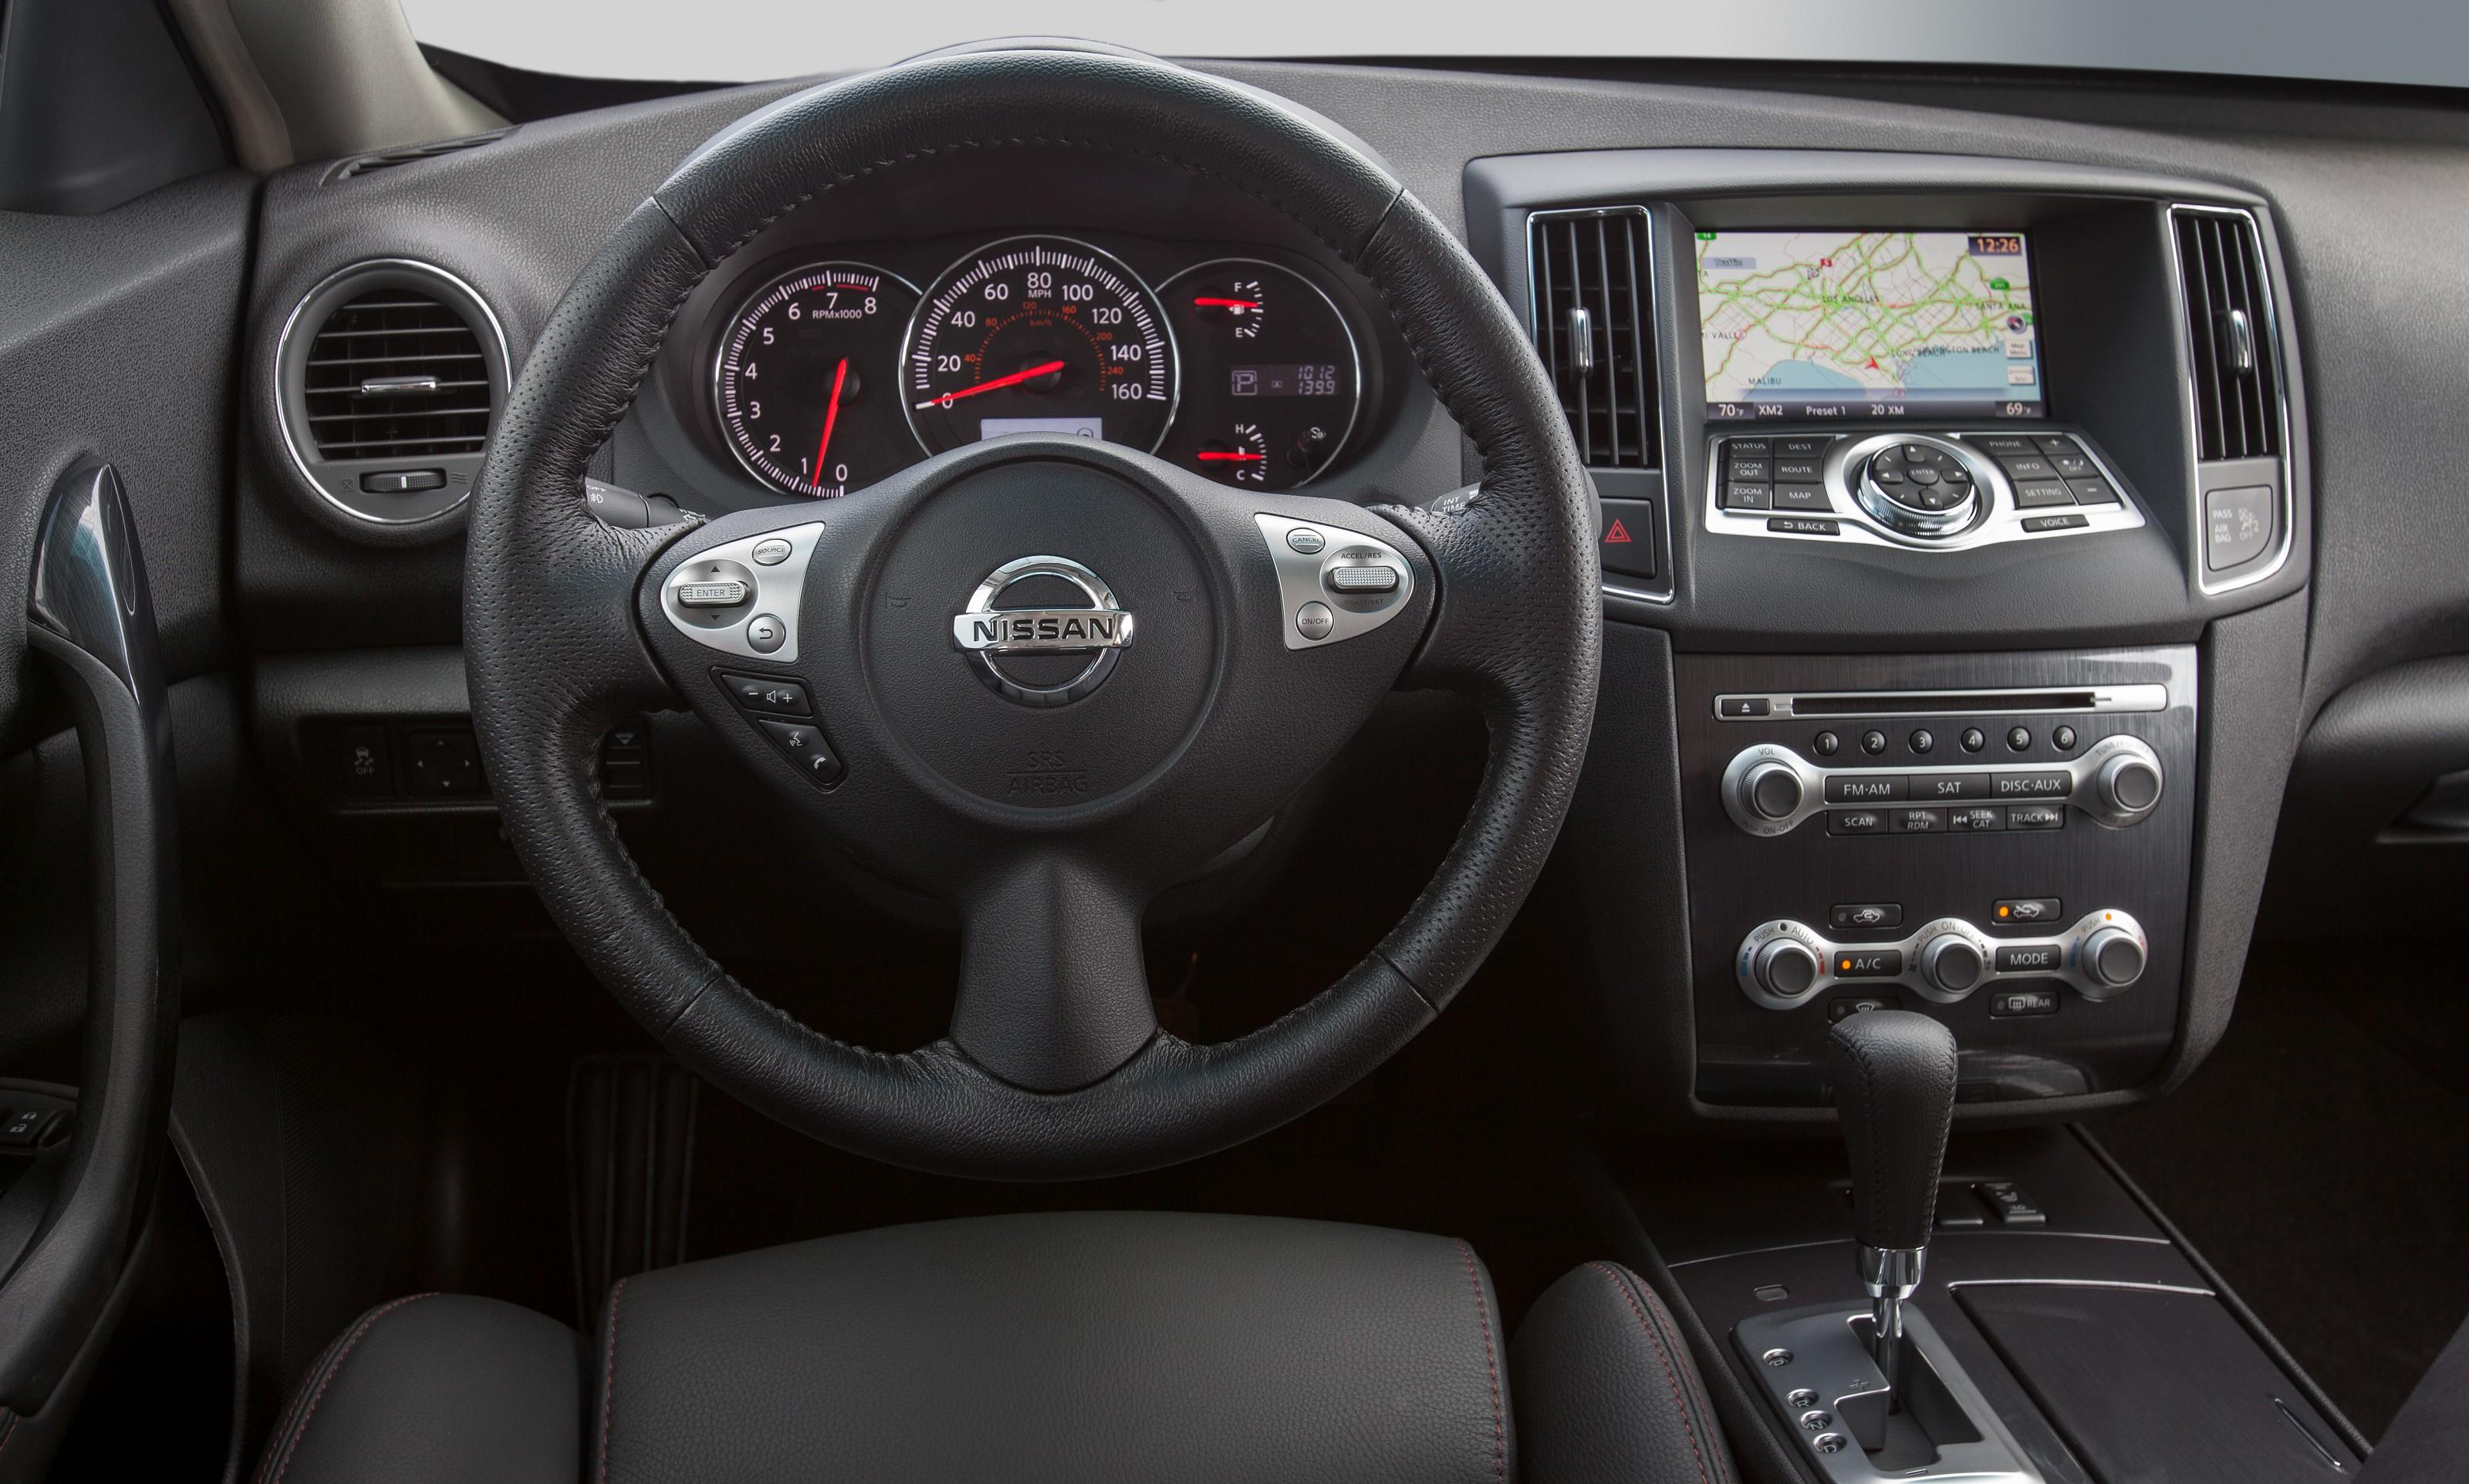 Nissan Maxima Specs 2009 2010 2011 2012 2013 2014